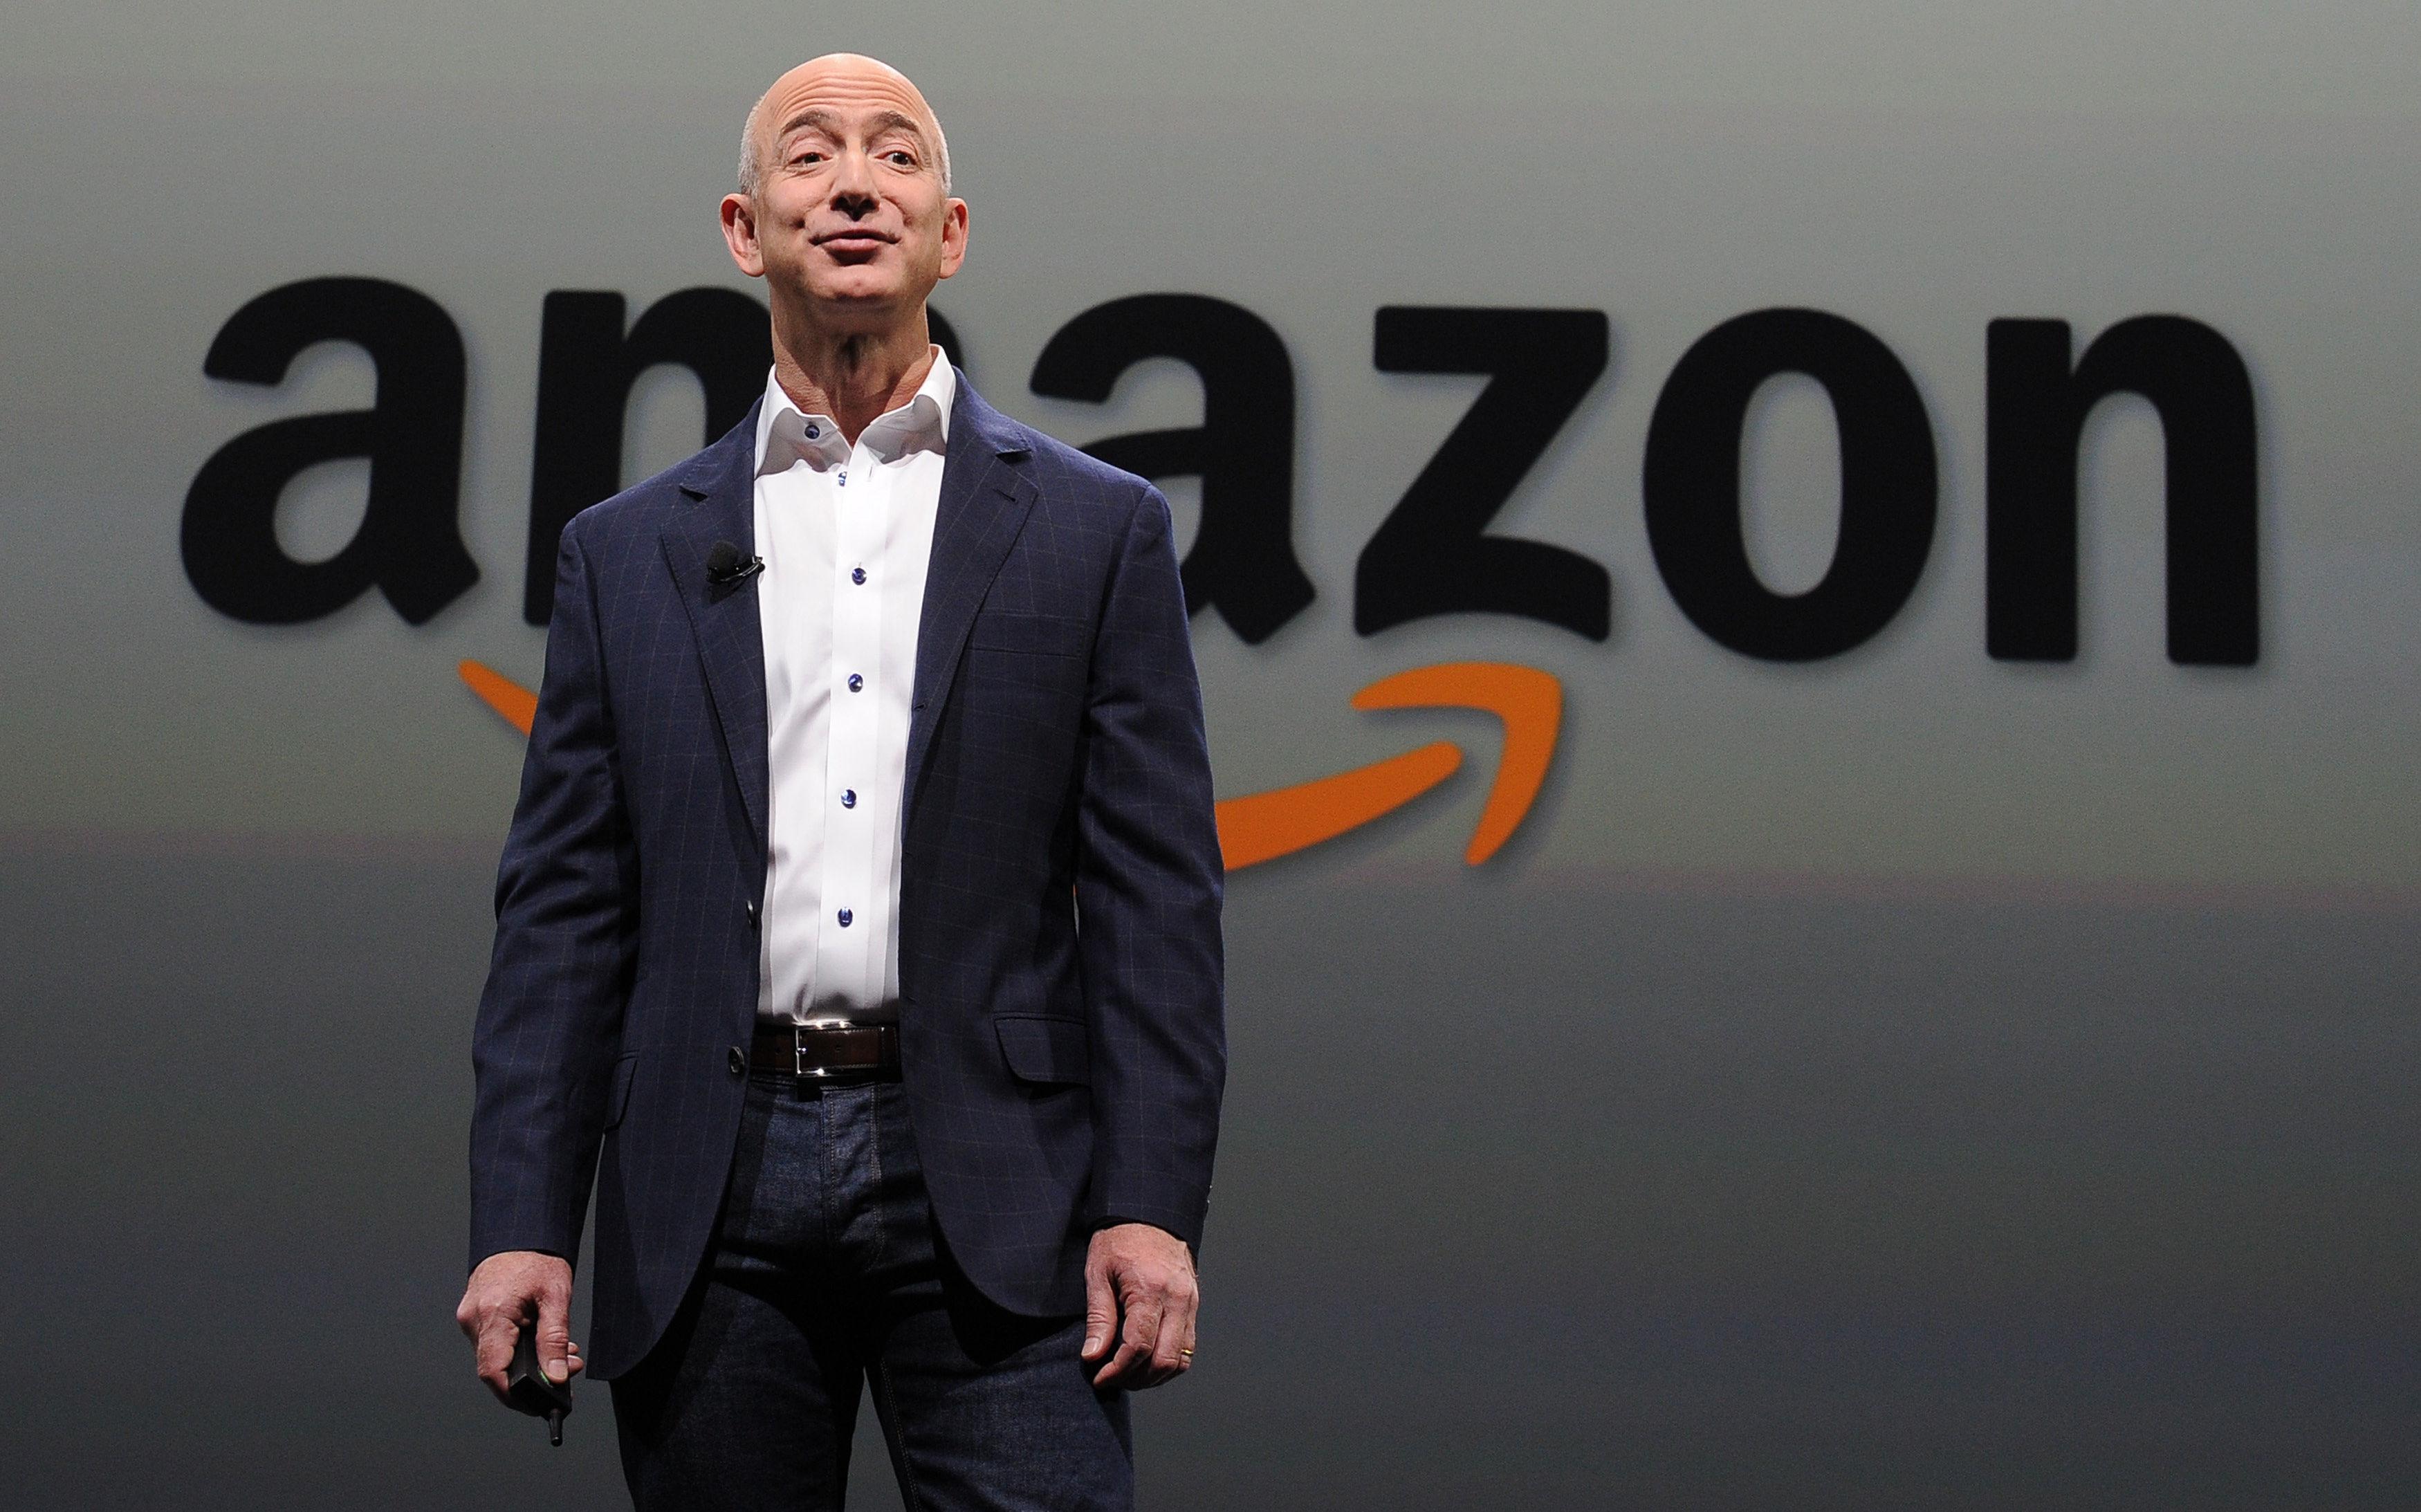 Генеральный директор Amazon Джефф Безос, представляет новую Kindle Paper white во время пресс-конференции в Санта-Монике, штат Калифорния. 6 сентября 2012 года